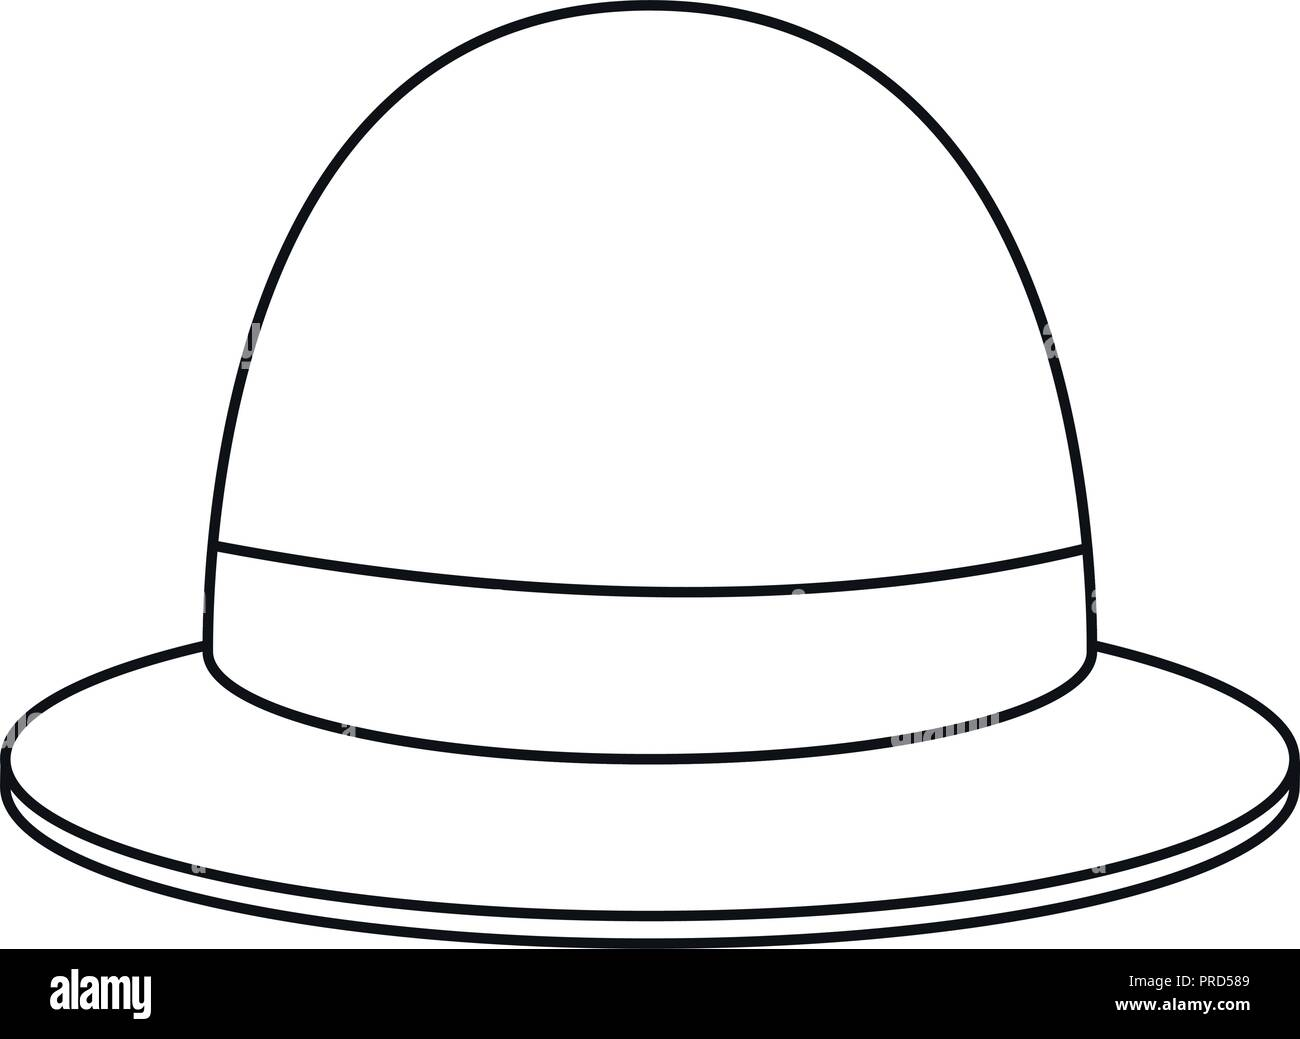 b60a8ad666747 Cartoon Old Bowler Hat Stock Photos   Cartoon Old Bowler Hat Stock ...